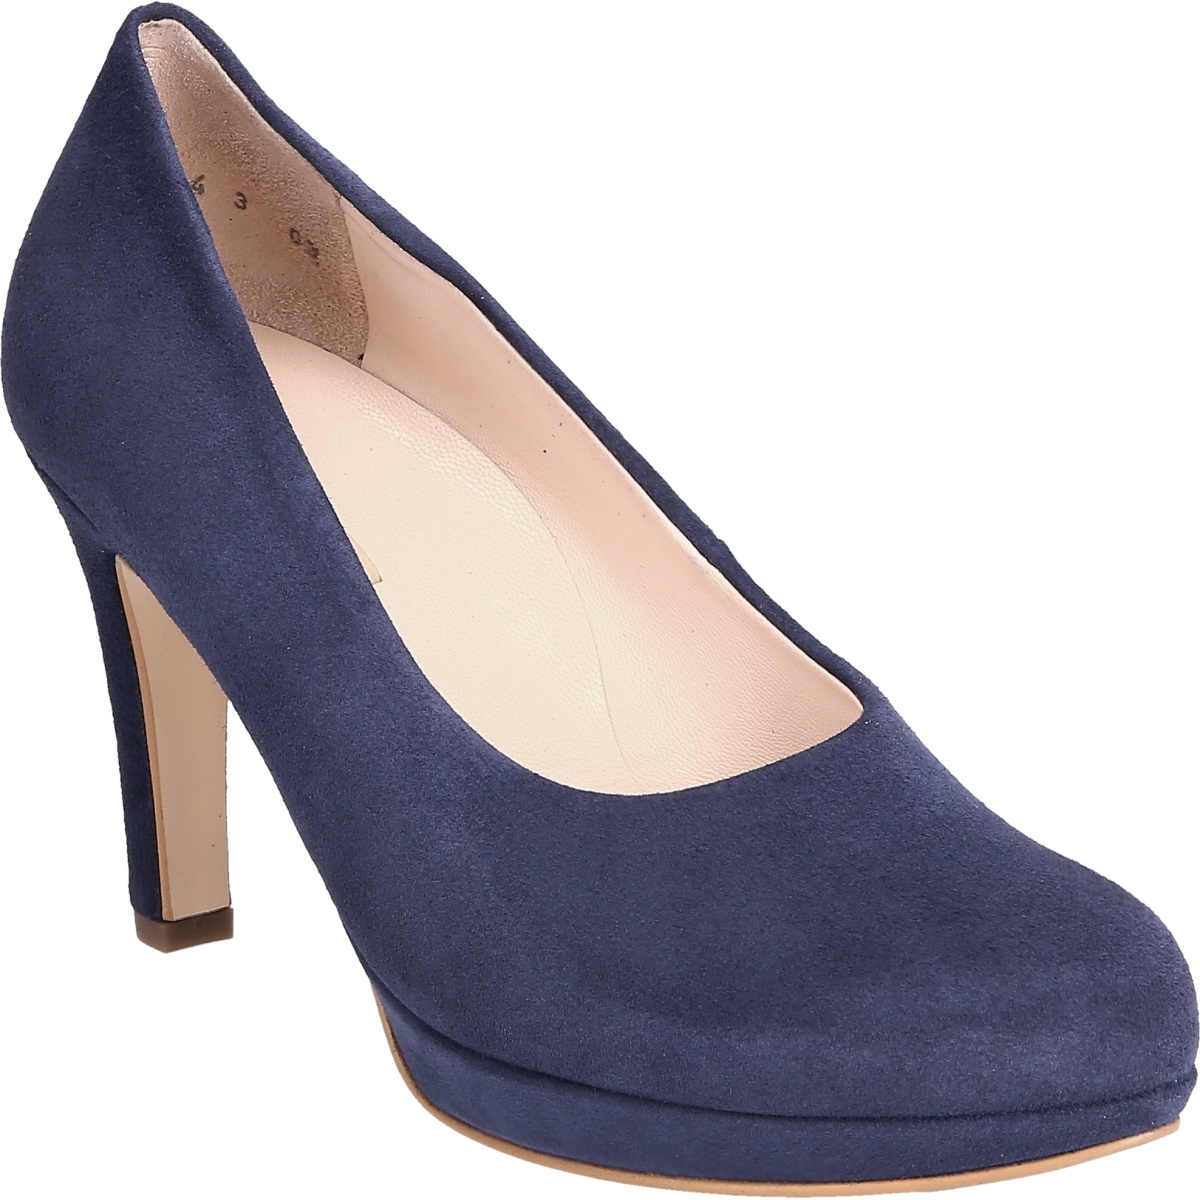 Paul Green 2834-294 Damenschuhe Pumps im Schuhe Lüke Online-Shop kaufen 011ef0821f